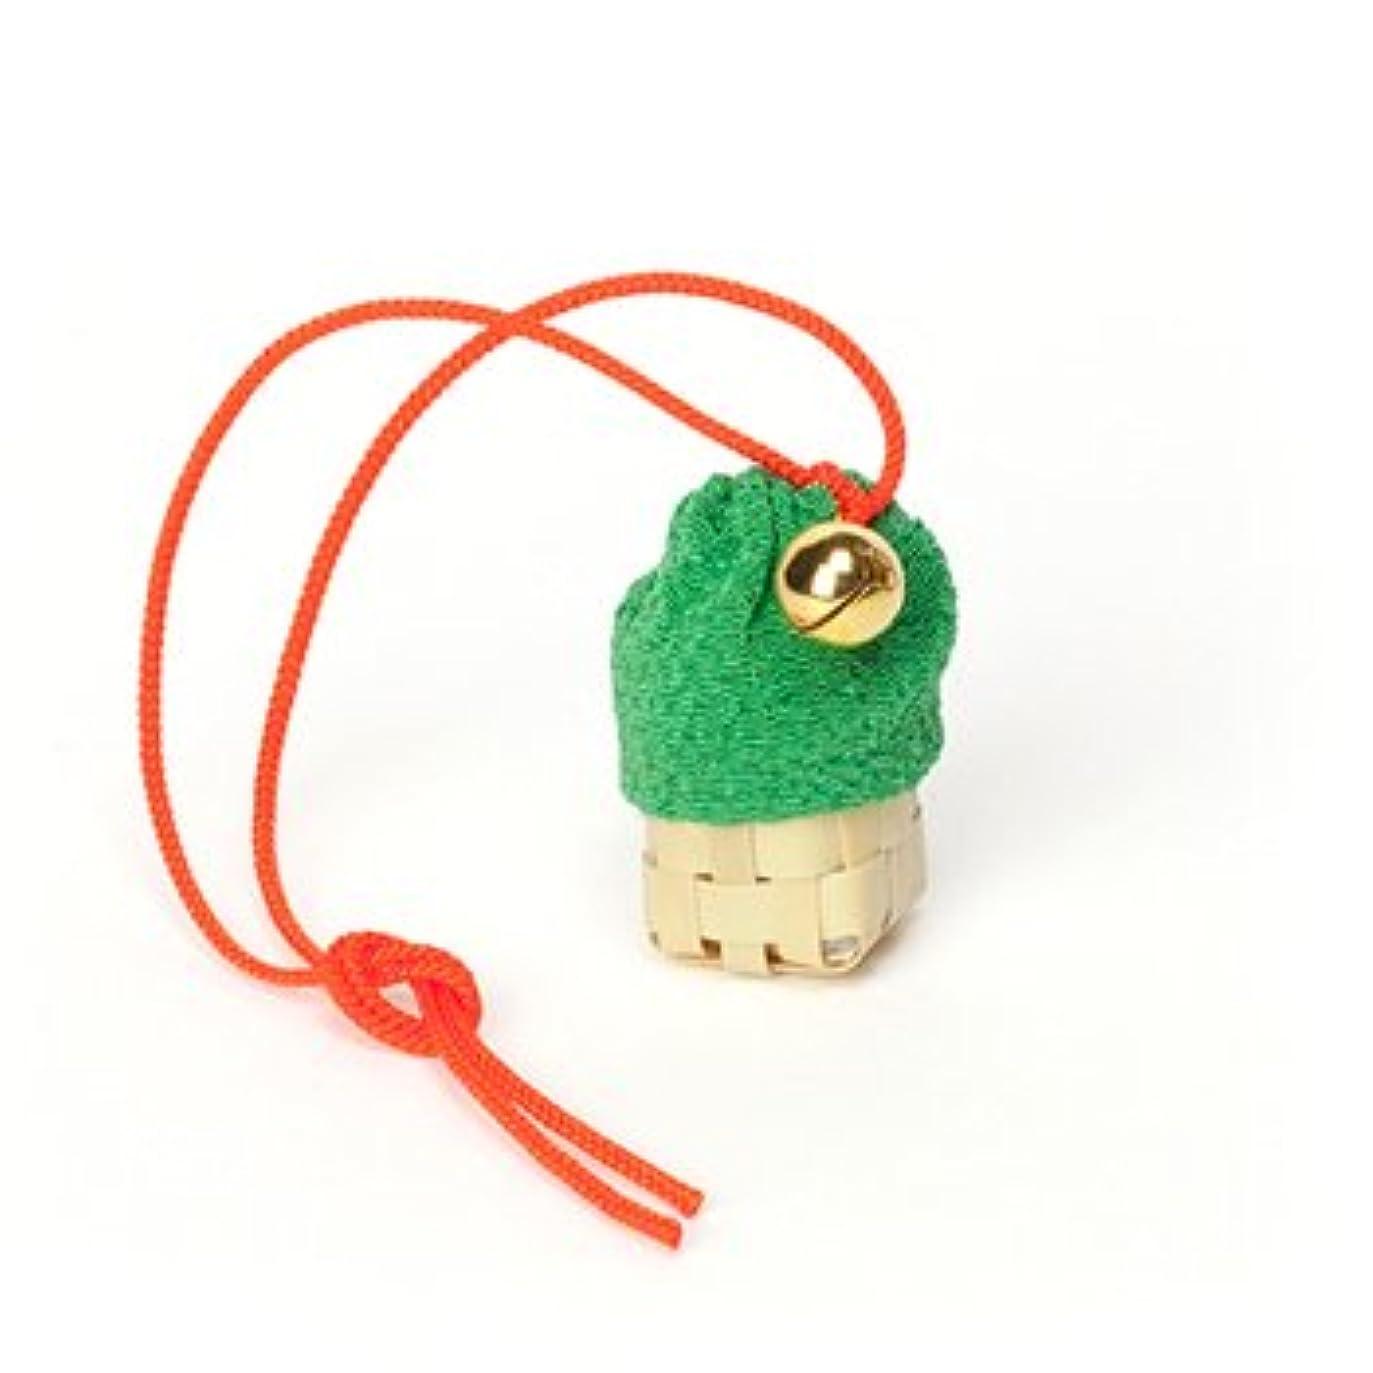 報酬のリンクランチョン松栄堂 匂い袋 携帯用 ミニ籠 1個入 ケースなし (色をお選びください) (緑)